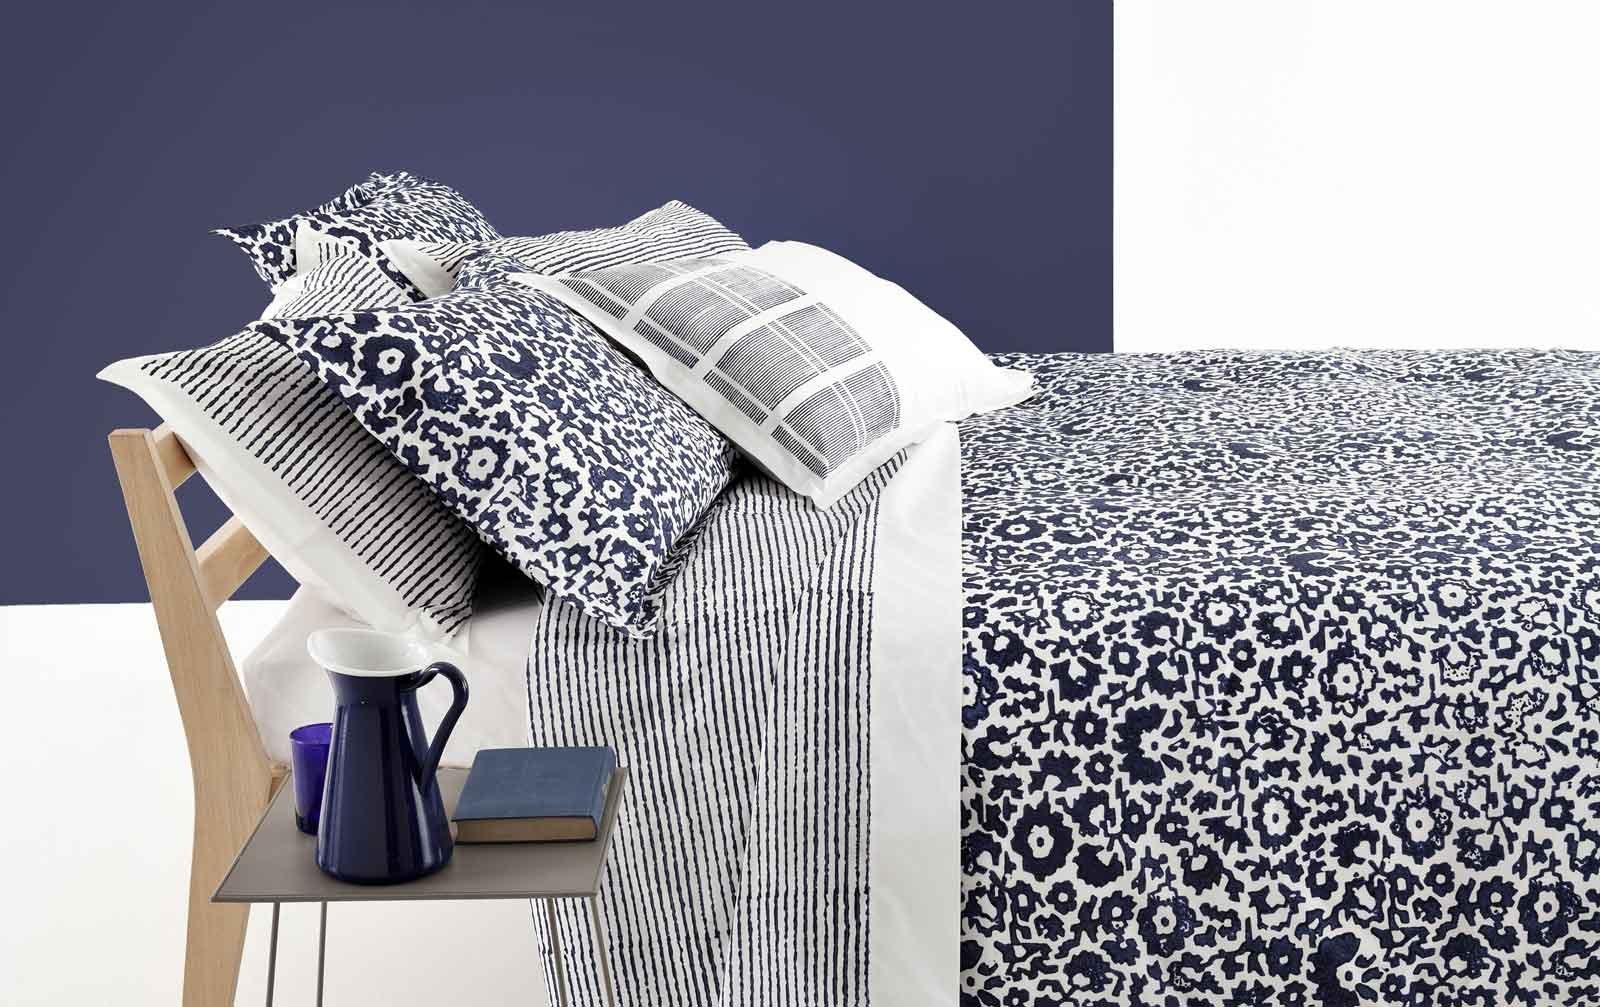 Dormire bene letto materasso e biancheria cose di casa - Biancheria da letto zucchi ...